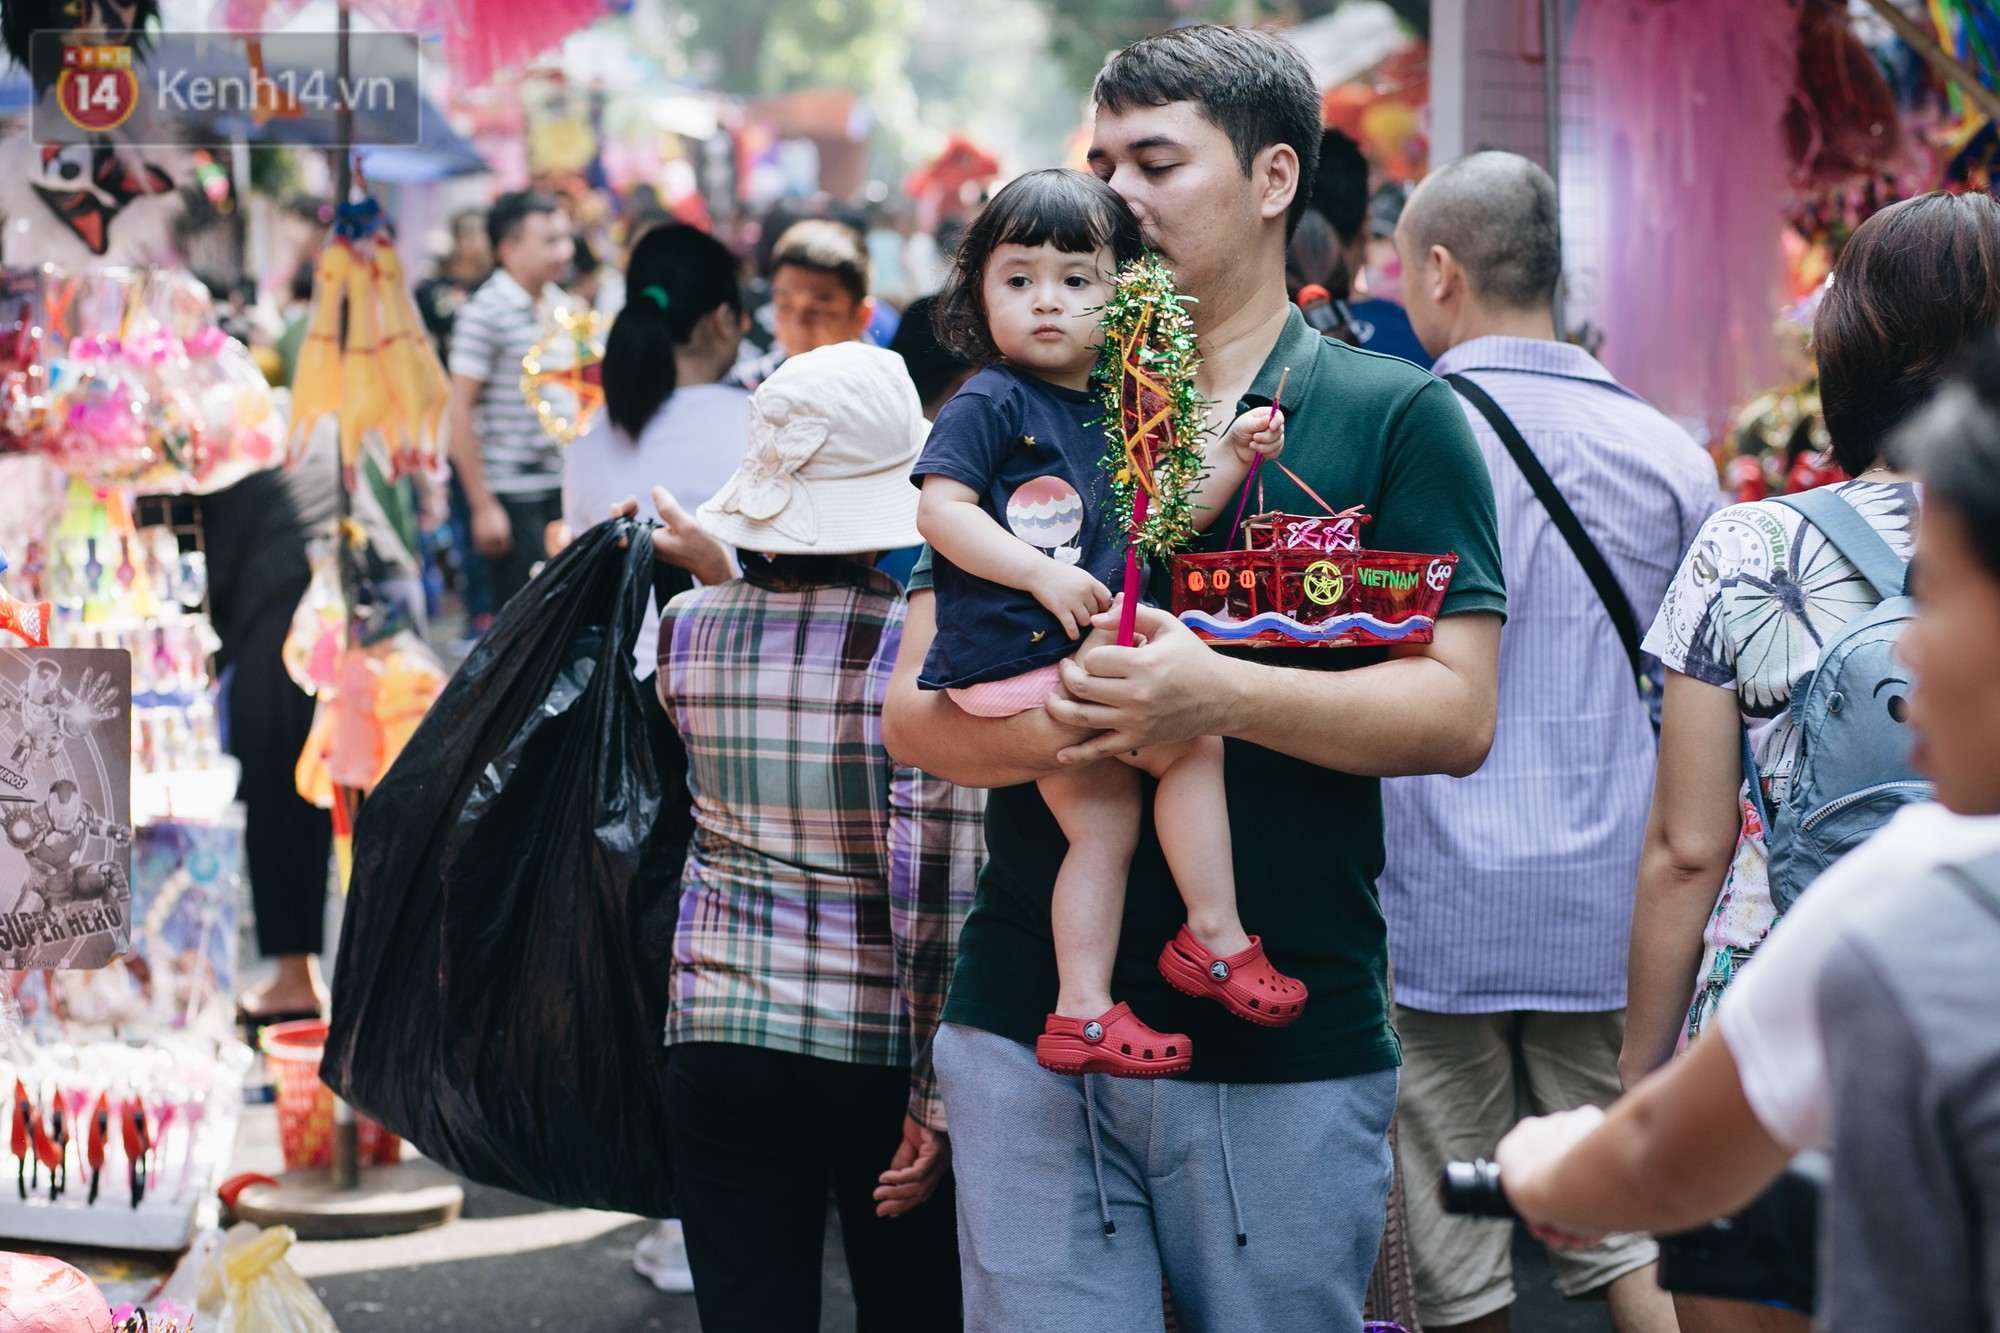 Ảnh: Một ngày trước rằm tháng 8, người dân đổ xô lên phố Hàng Mã vui chơi Trung thu - Ảnh 12.